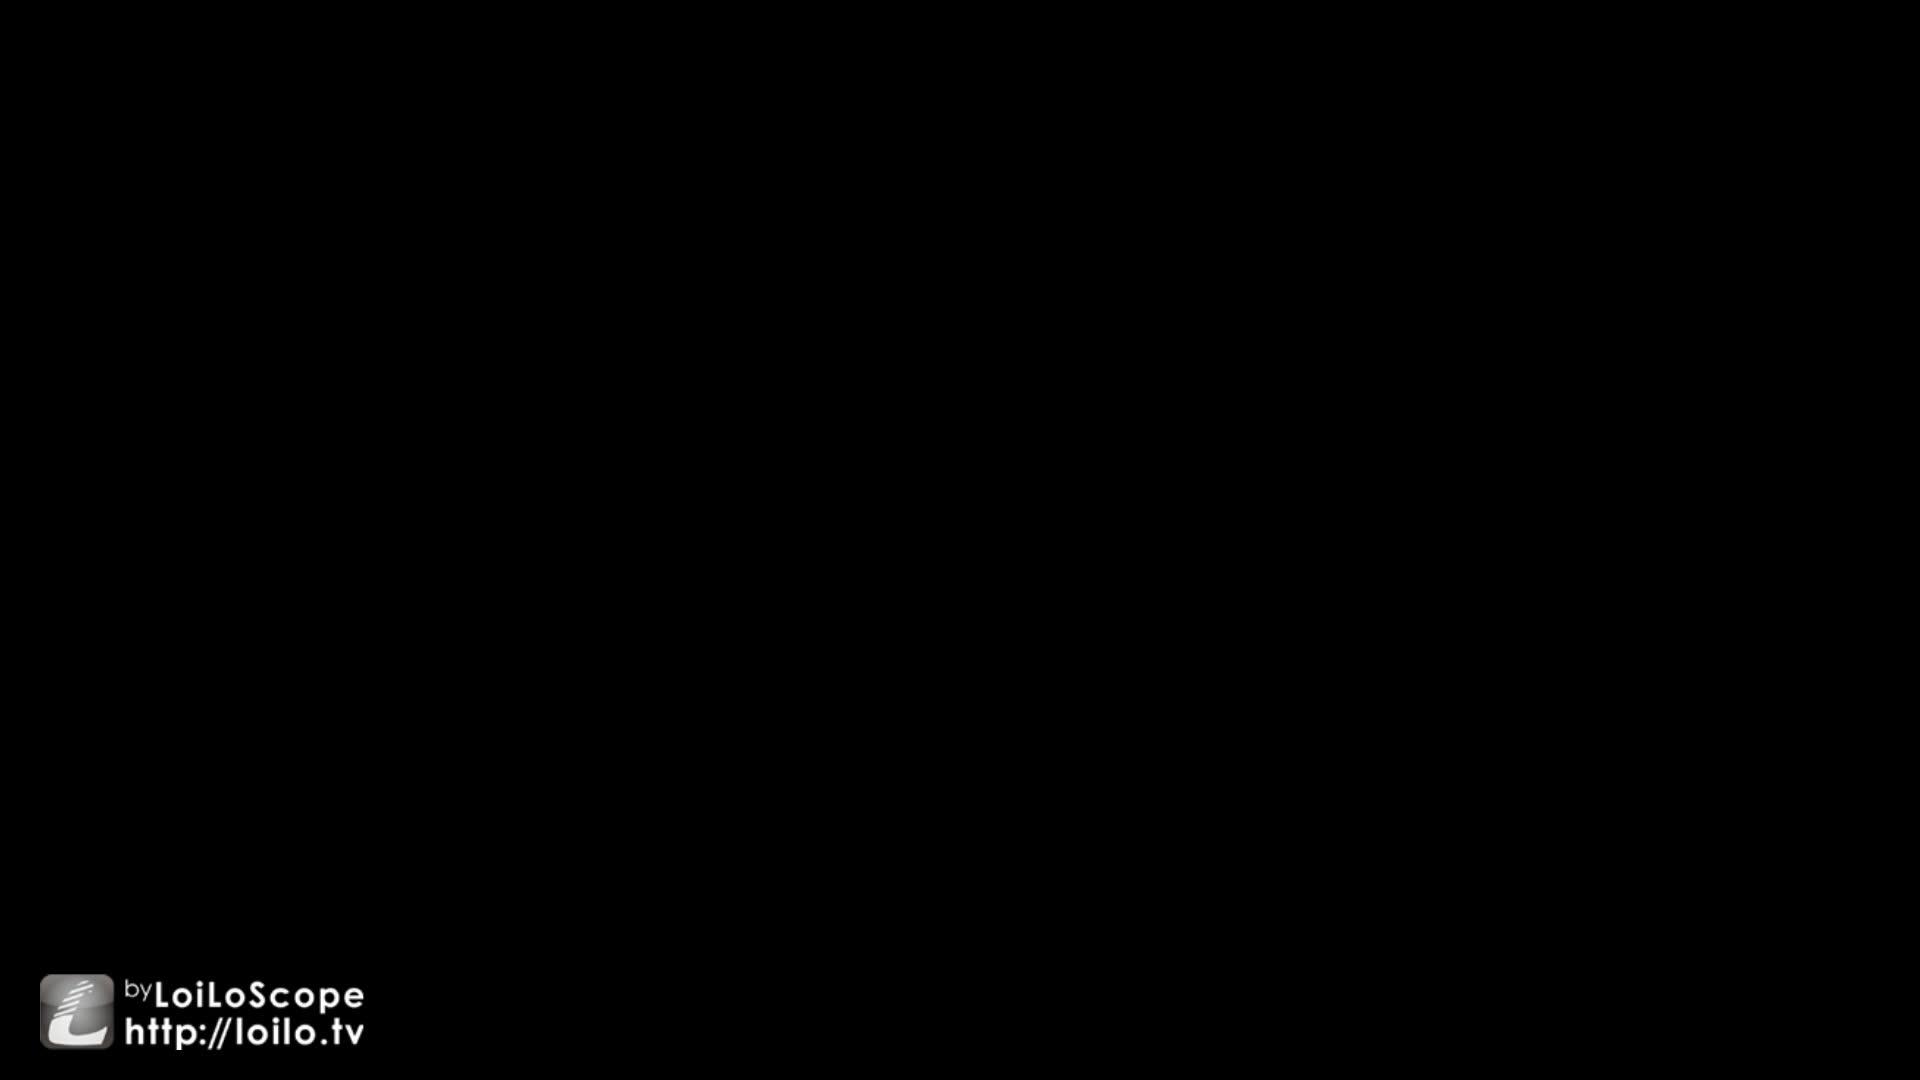 Rocketleague GIFs